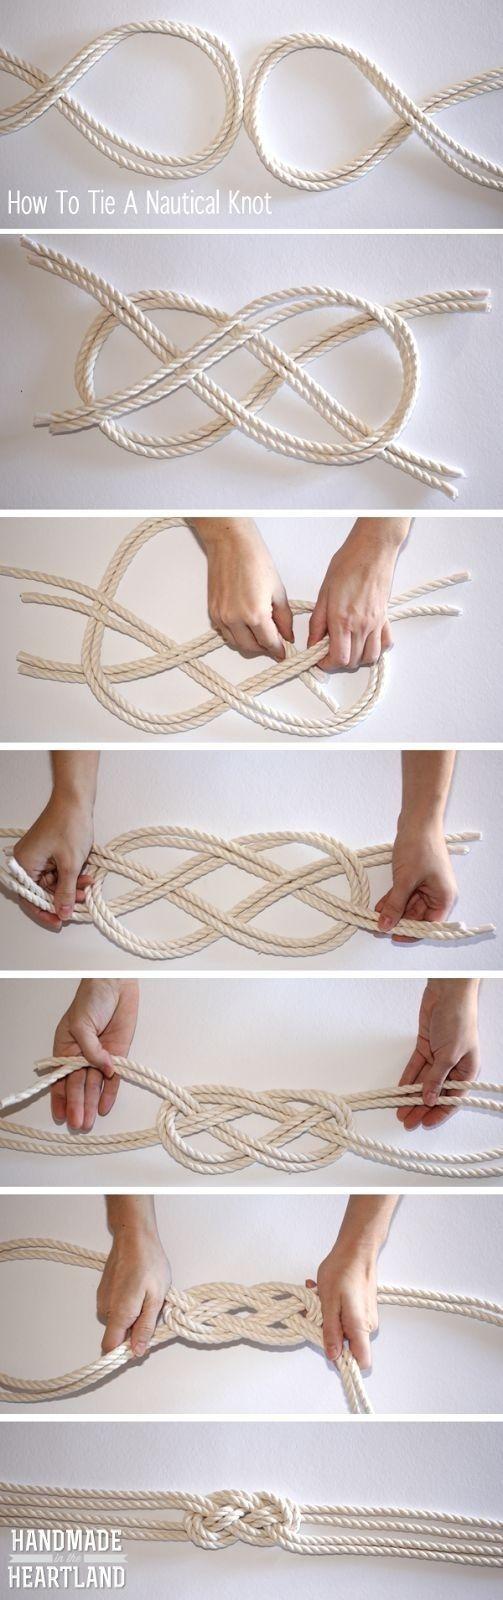 饰品DIY...来自Seekingg的图片分享-堆糖网